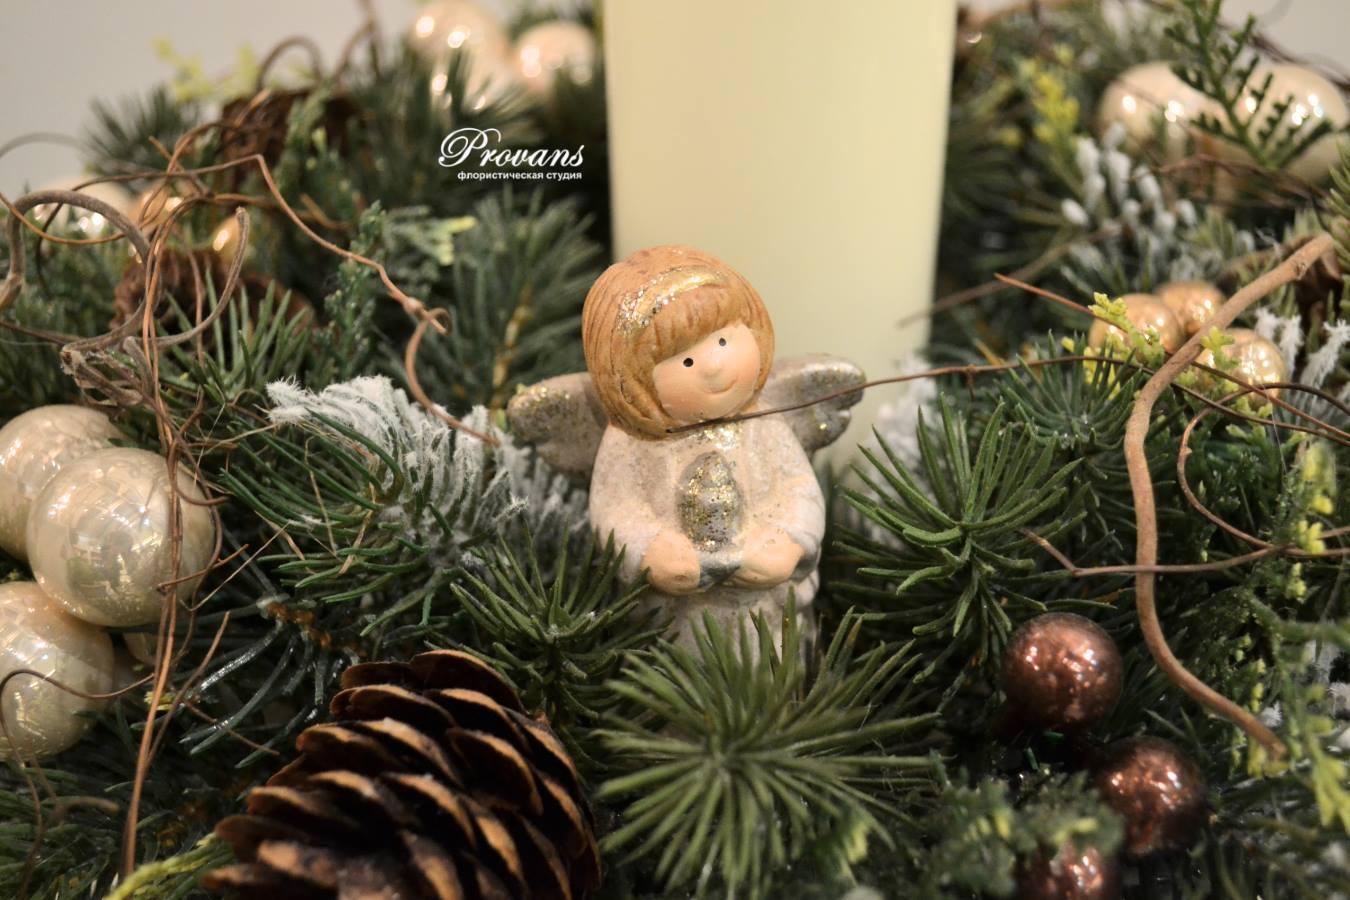 Композиция на новый год и рождество Лесной ангел. Искусственная ель